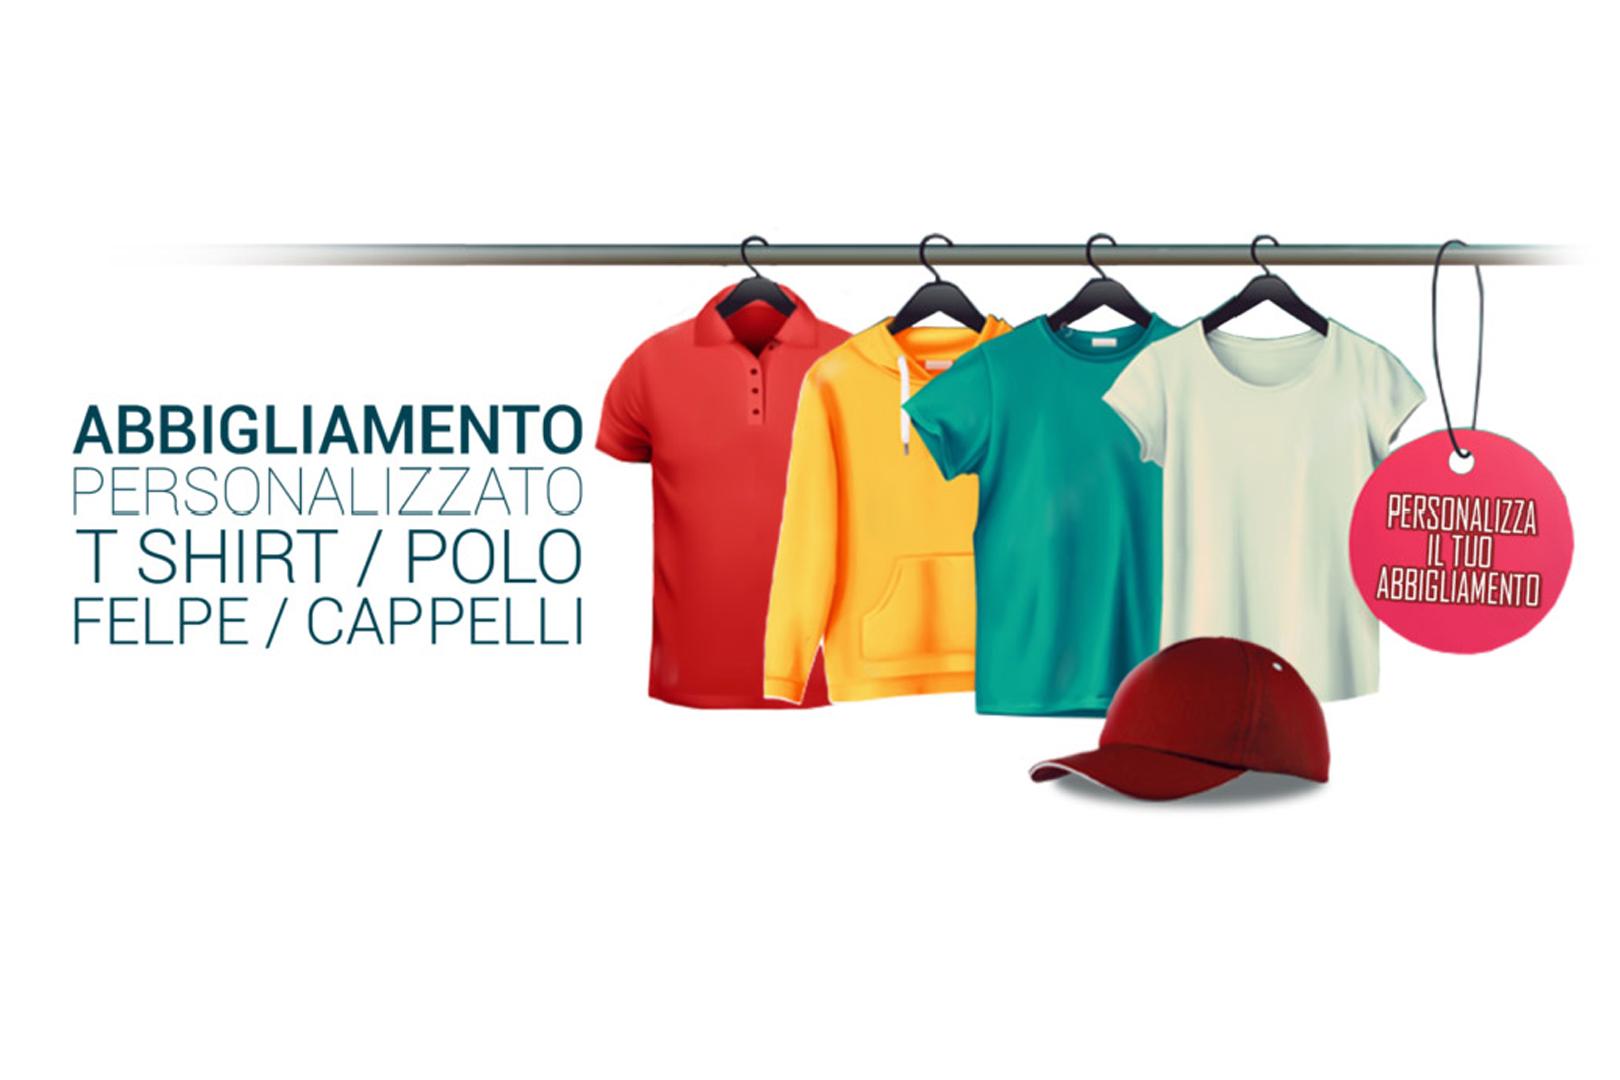 Abbigliamento Personalizzato • SpotApplick | Stampa Digitale ...